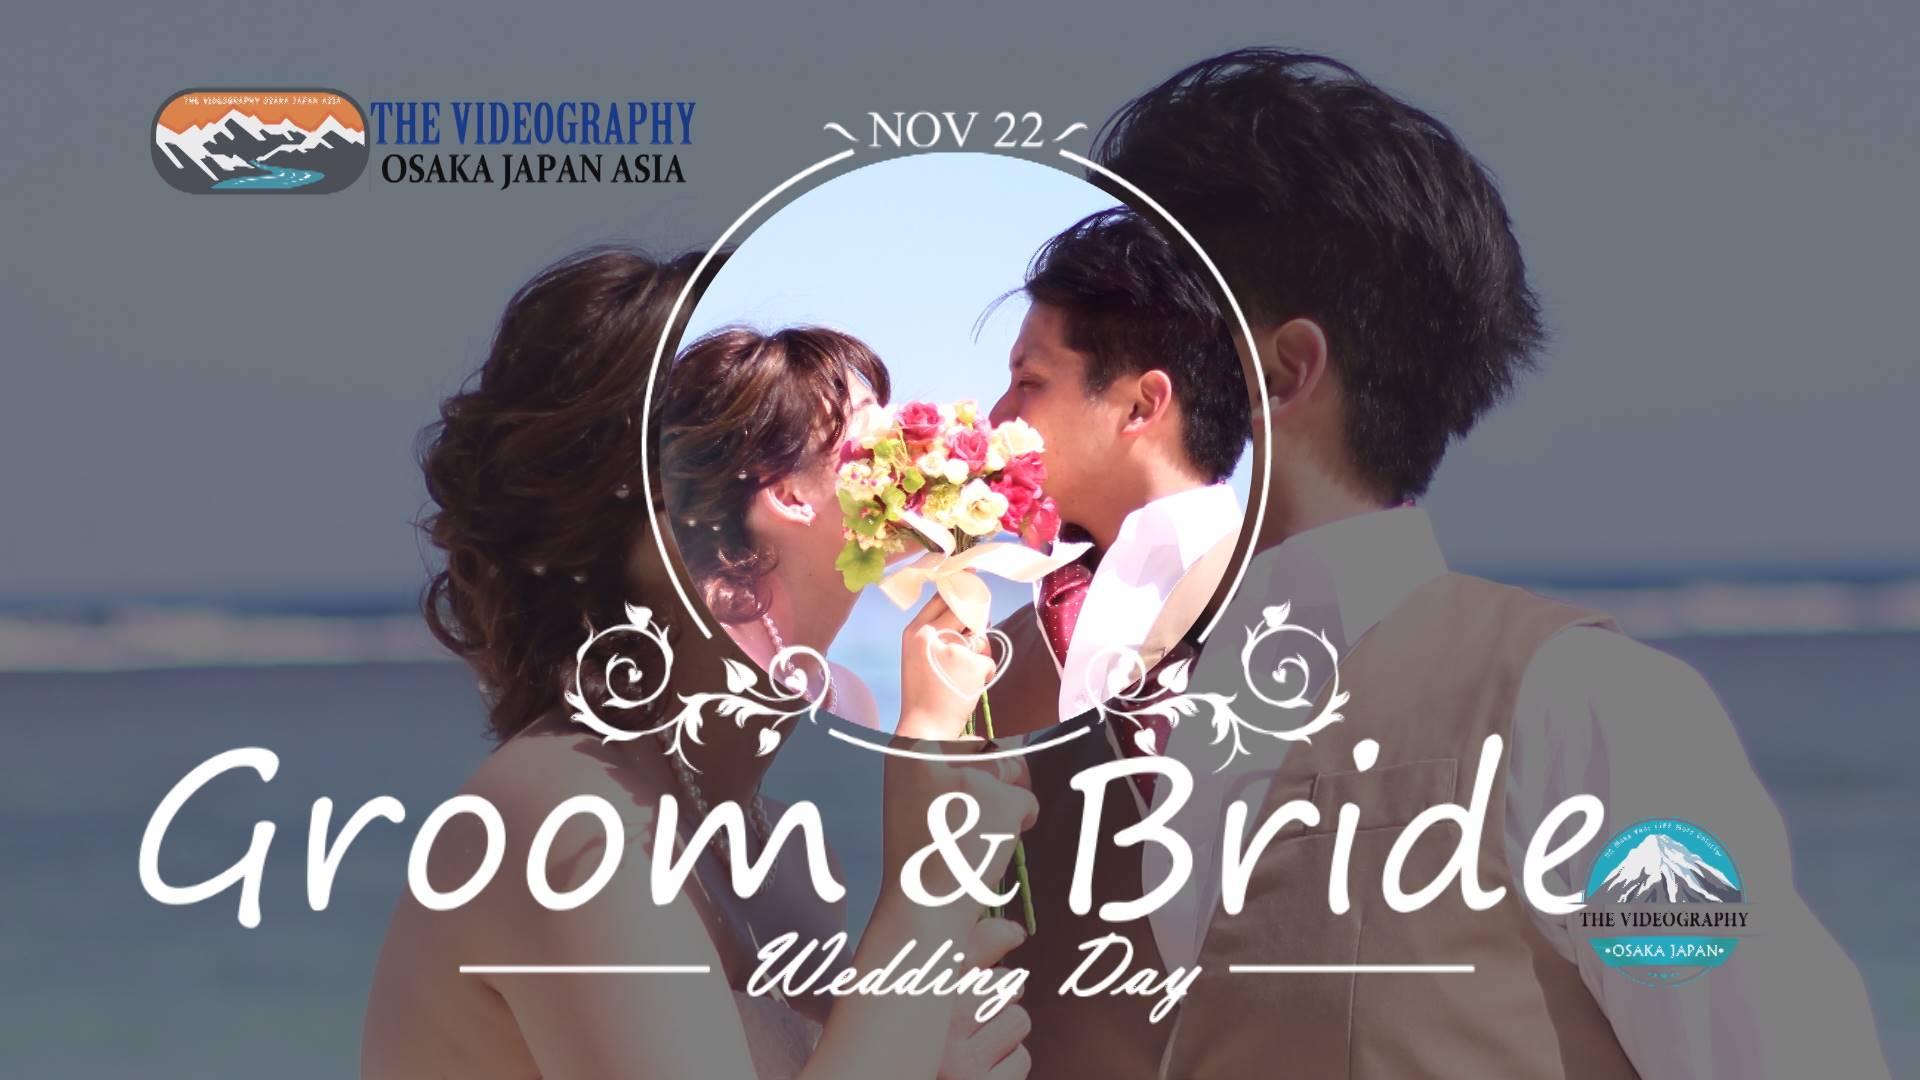 沖縄の結婚式 余興ムービー制作はビデオグラフィ@一生の記念に… 披露宴 プロポーズビデオ 誕生日に最適